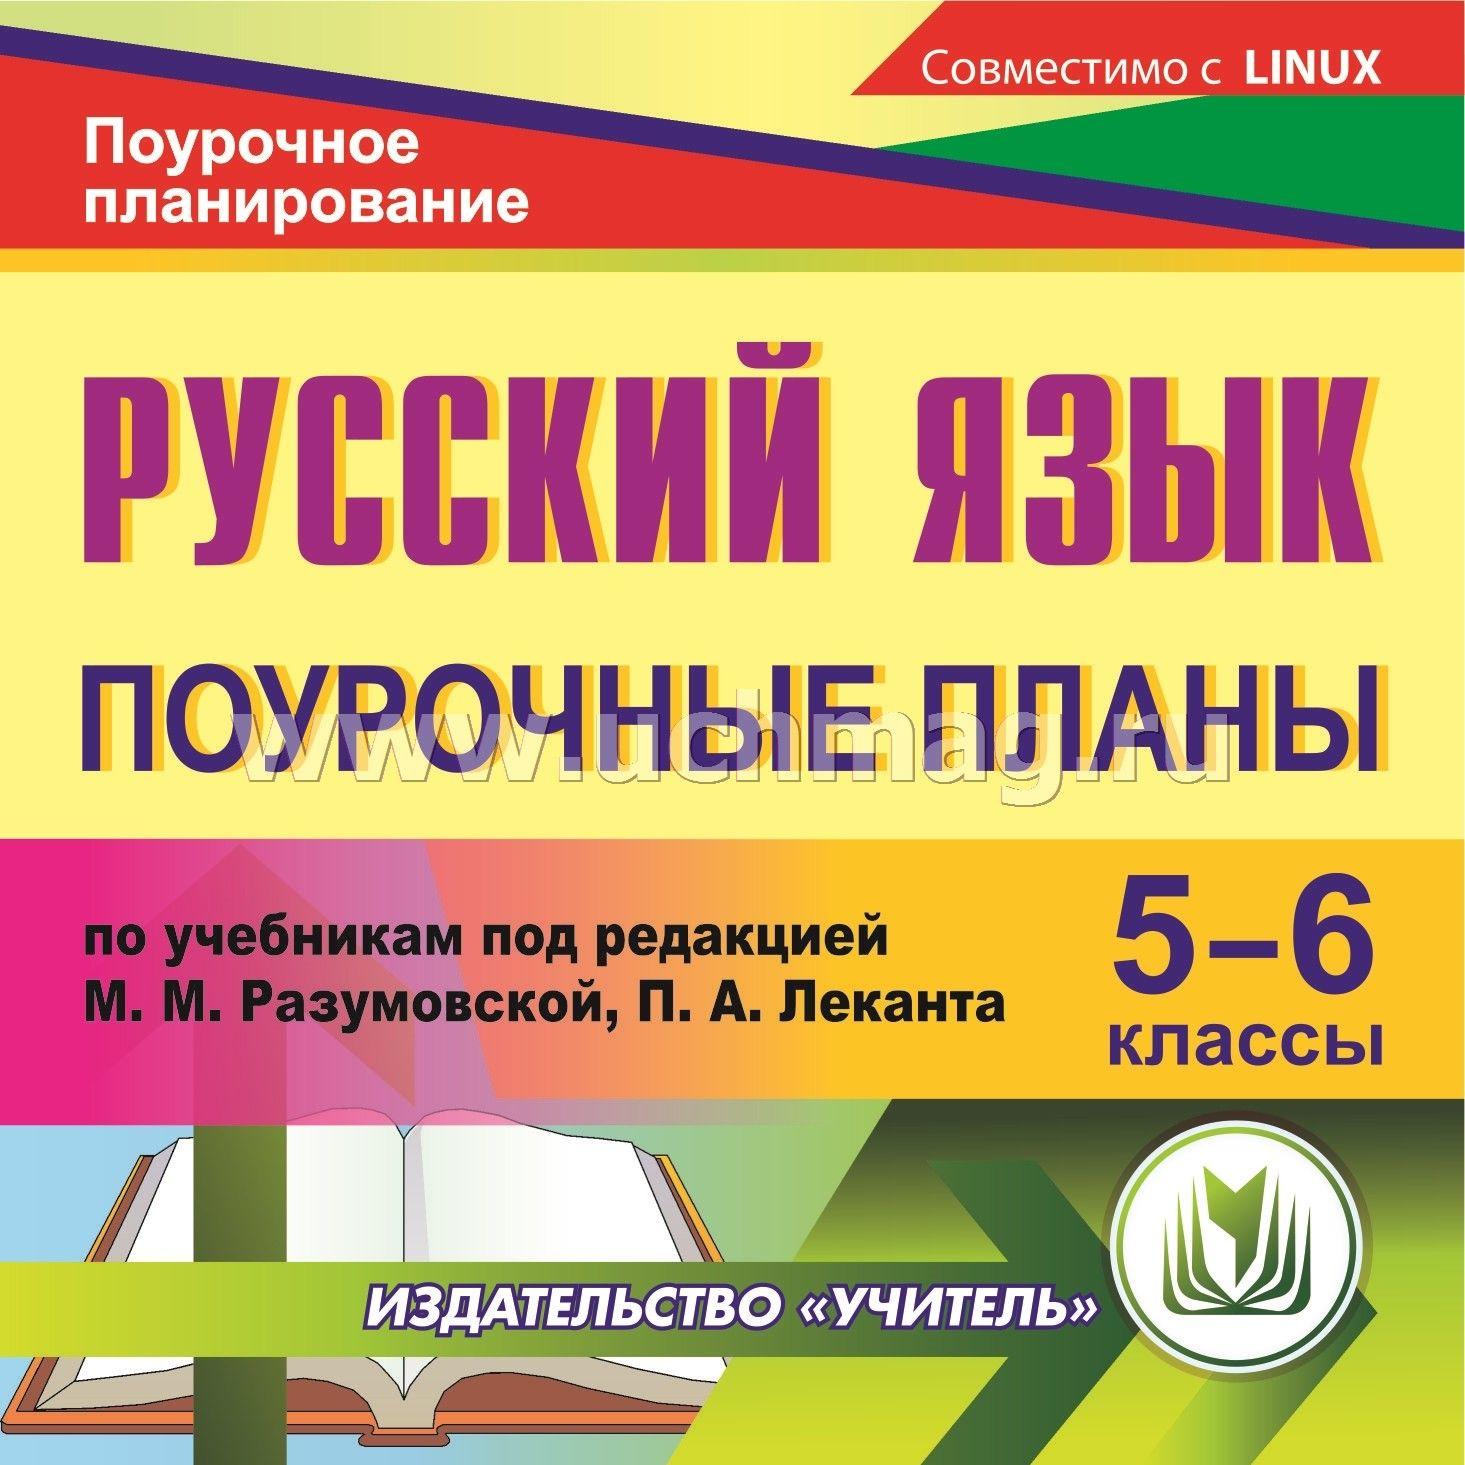 Конспекты уроков по русскому языку львов 5 класс